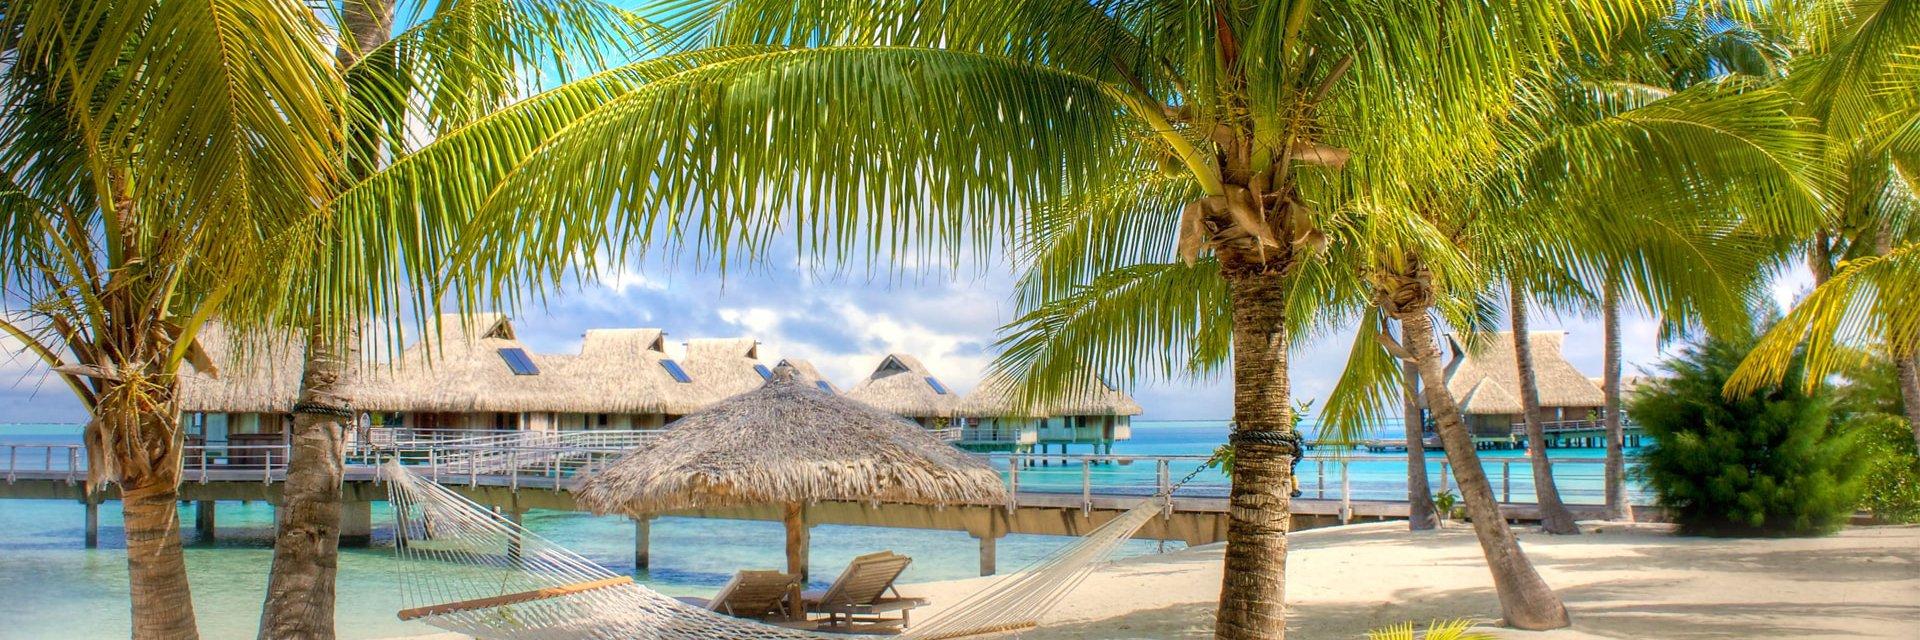 Туры в Доминикану 2021, путевки из Москвы - цены на отдых в Доминикане - ПАКС